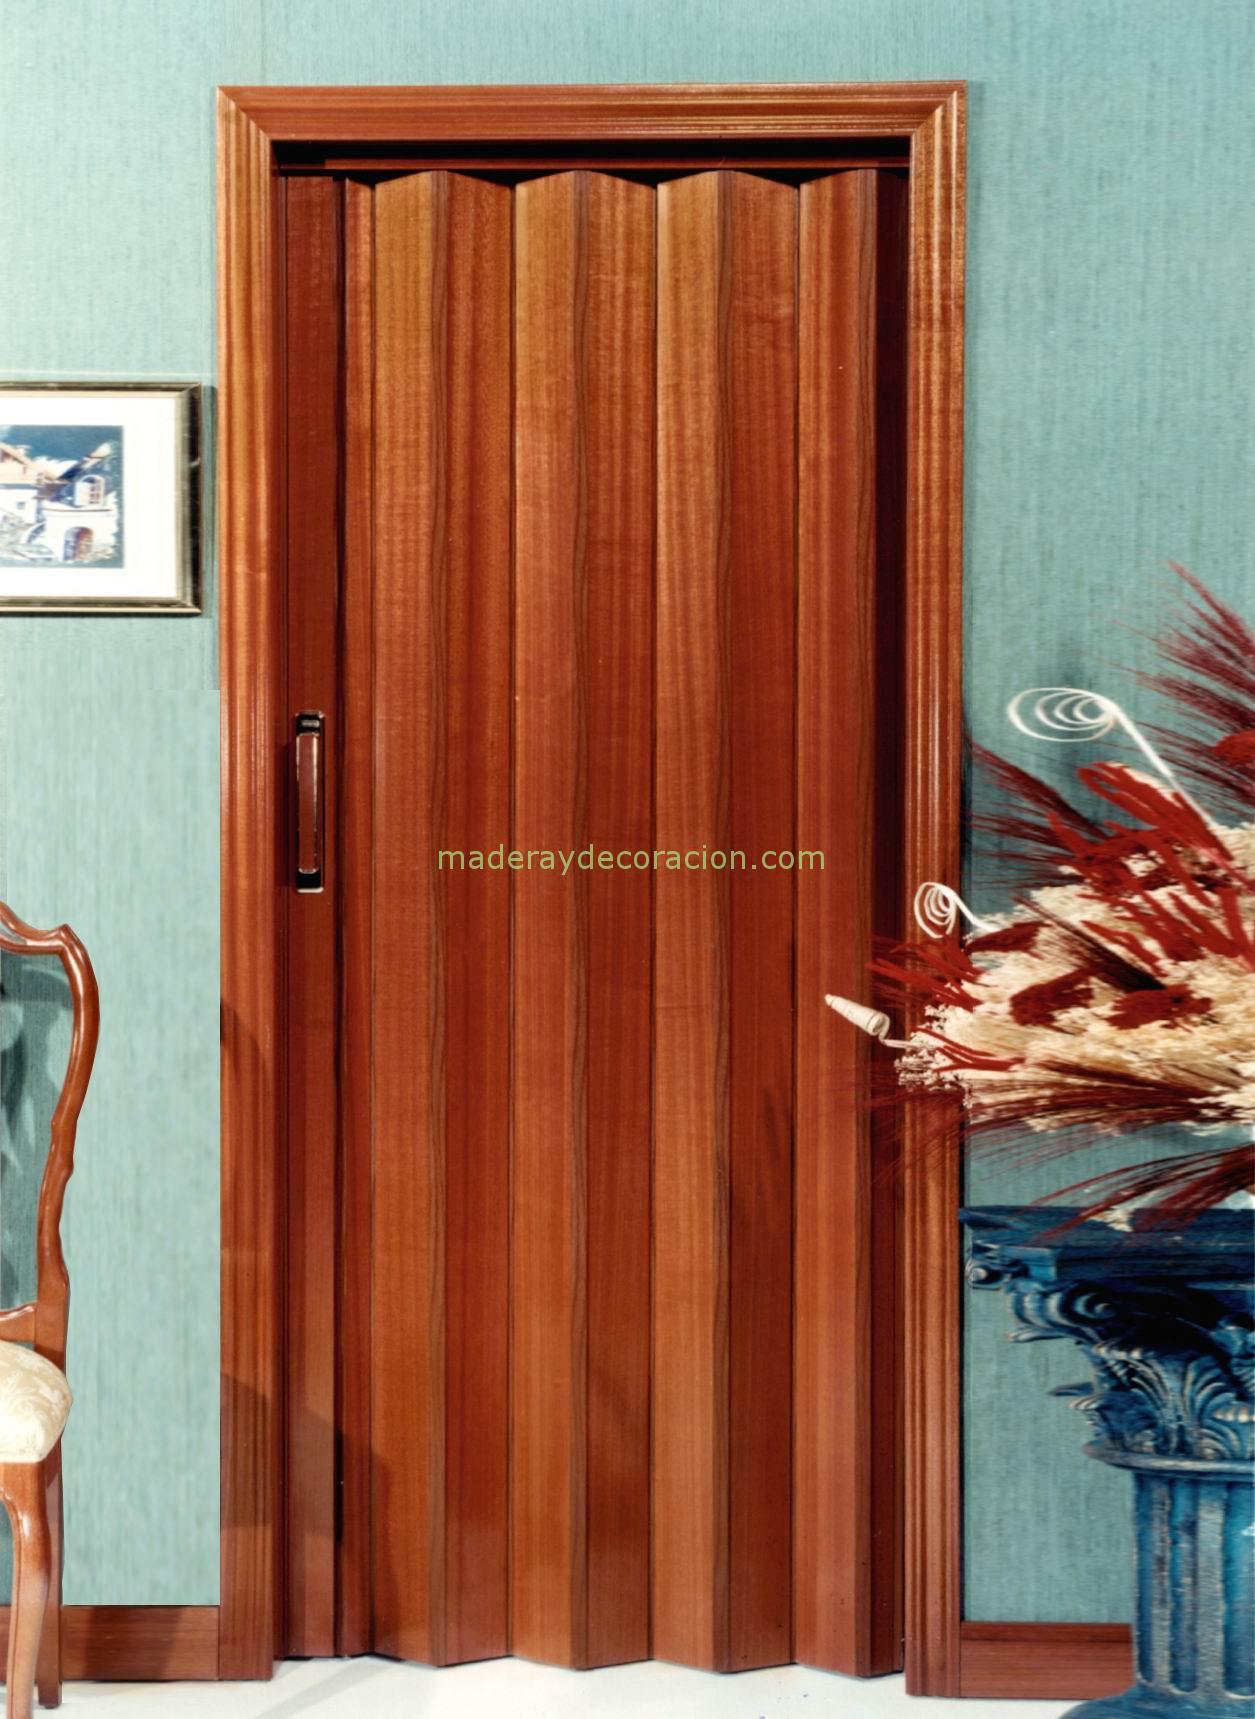 Puertas plegables madera natural for Puertas madera natural